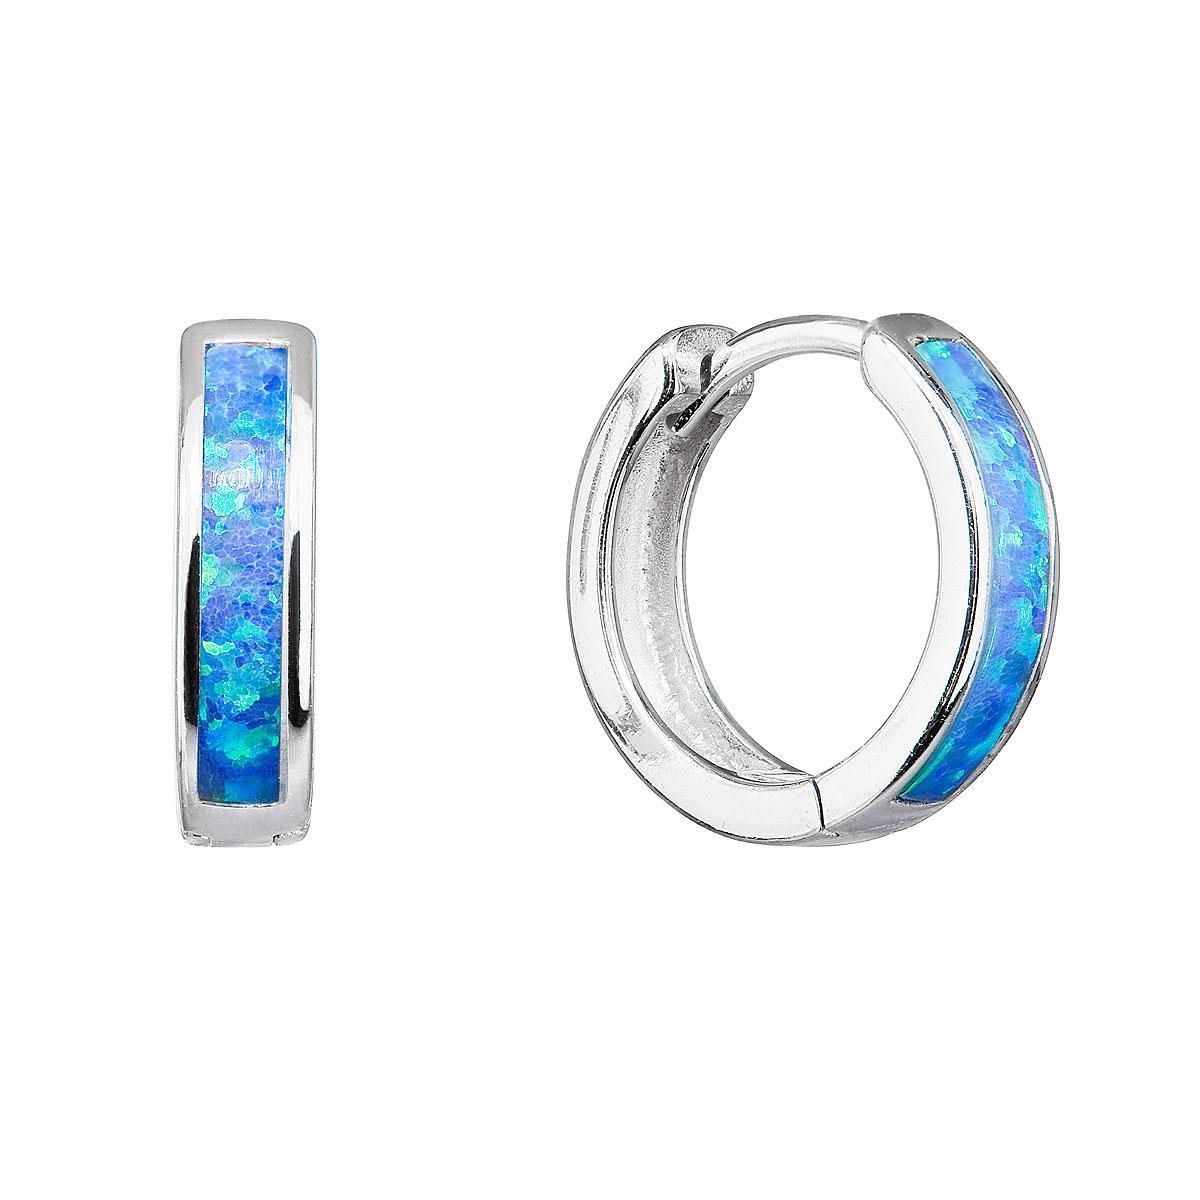 Strieborné náušnice kruhy so syntetickým opálom modré 11402.3